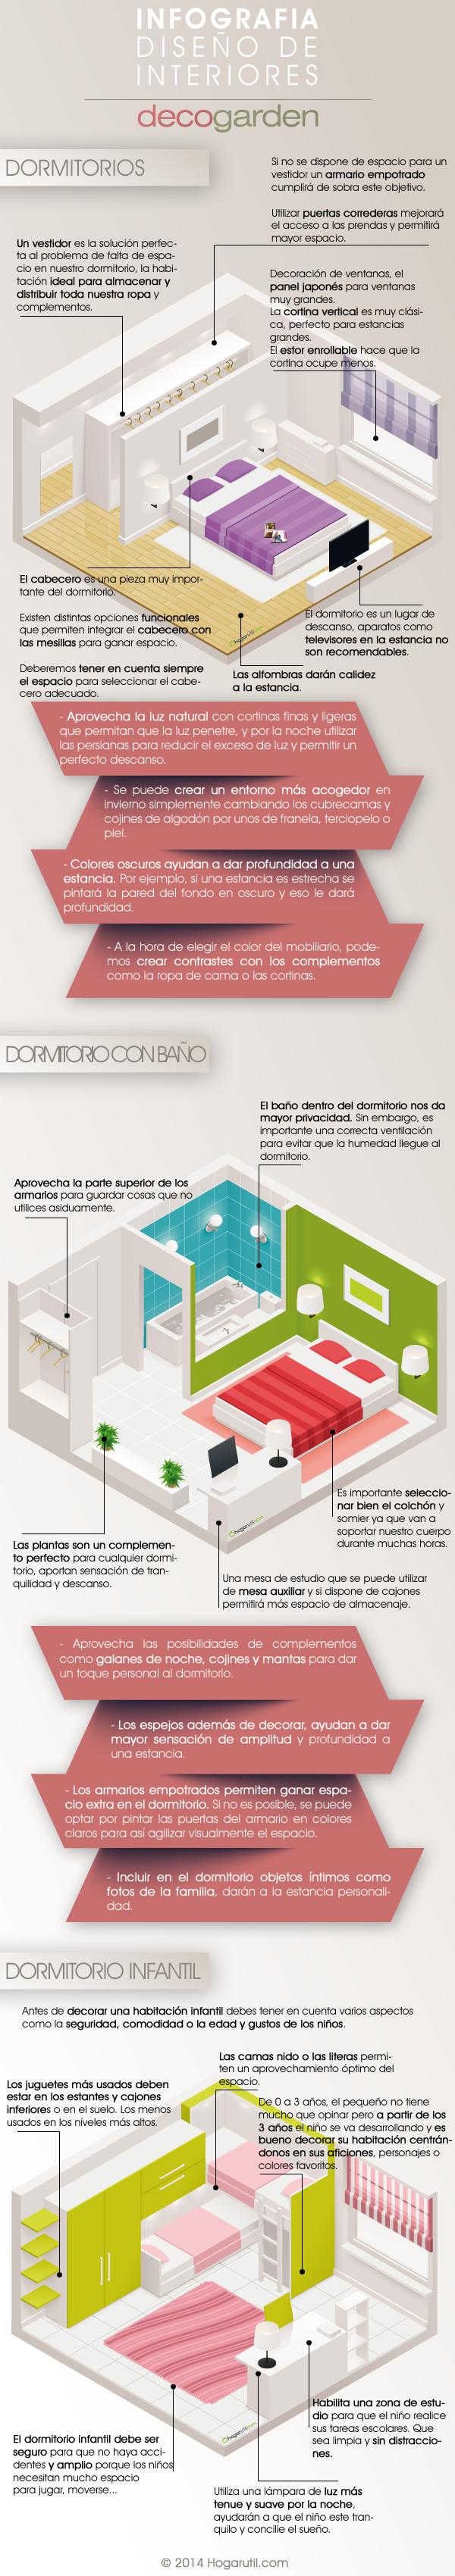 Infografía sobre la decoración de dormitorios